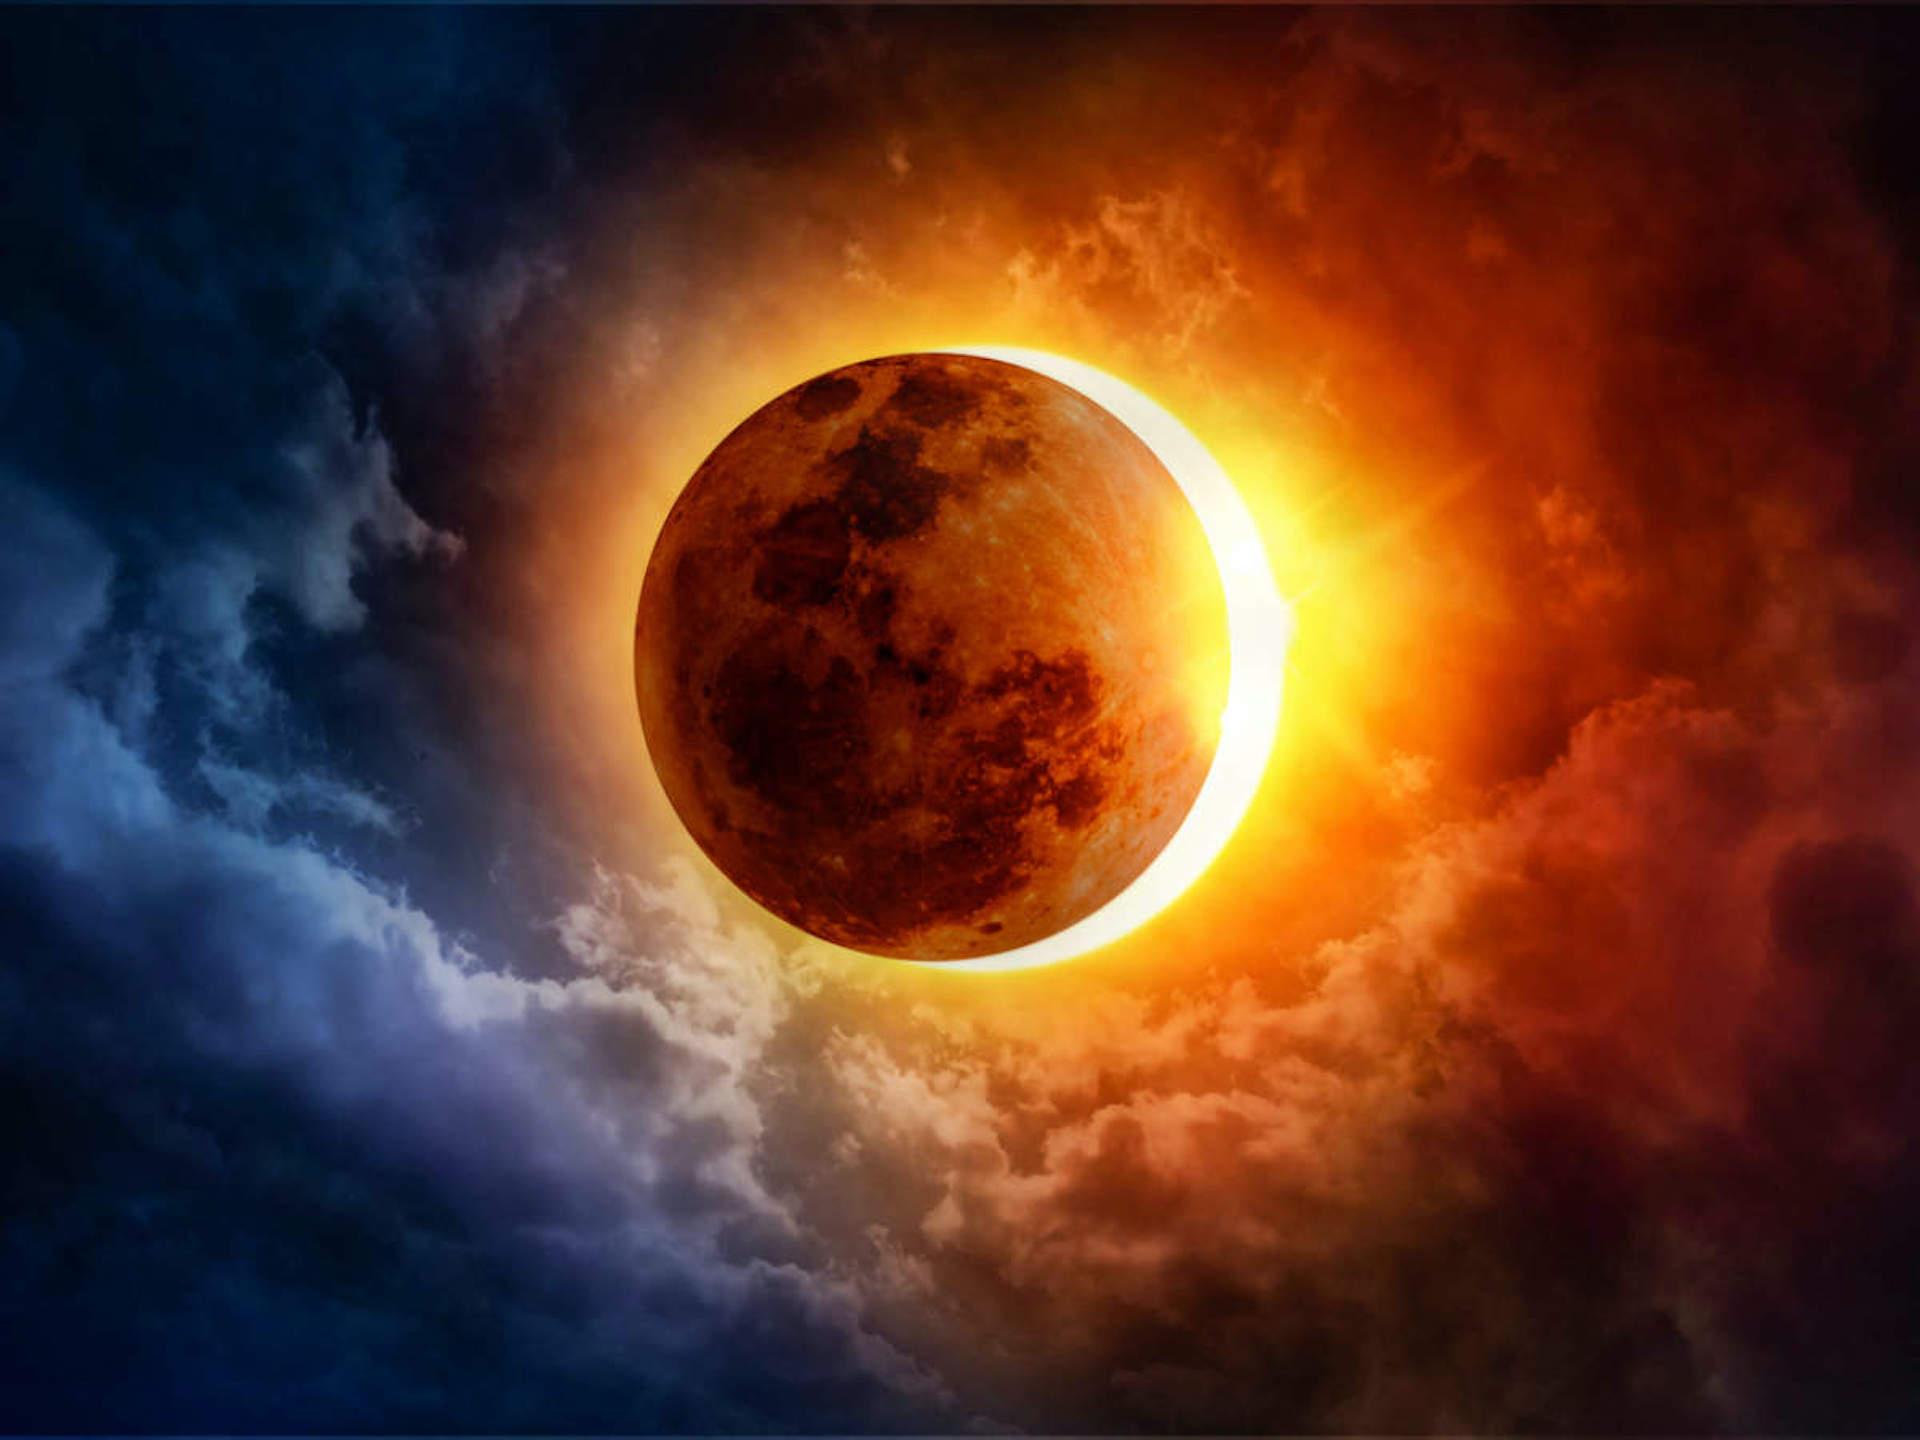 Las imágenes del último eclipse de 2019 y sus anillos de fuego